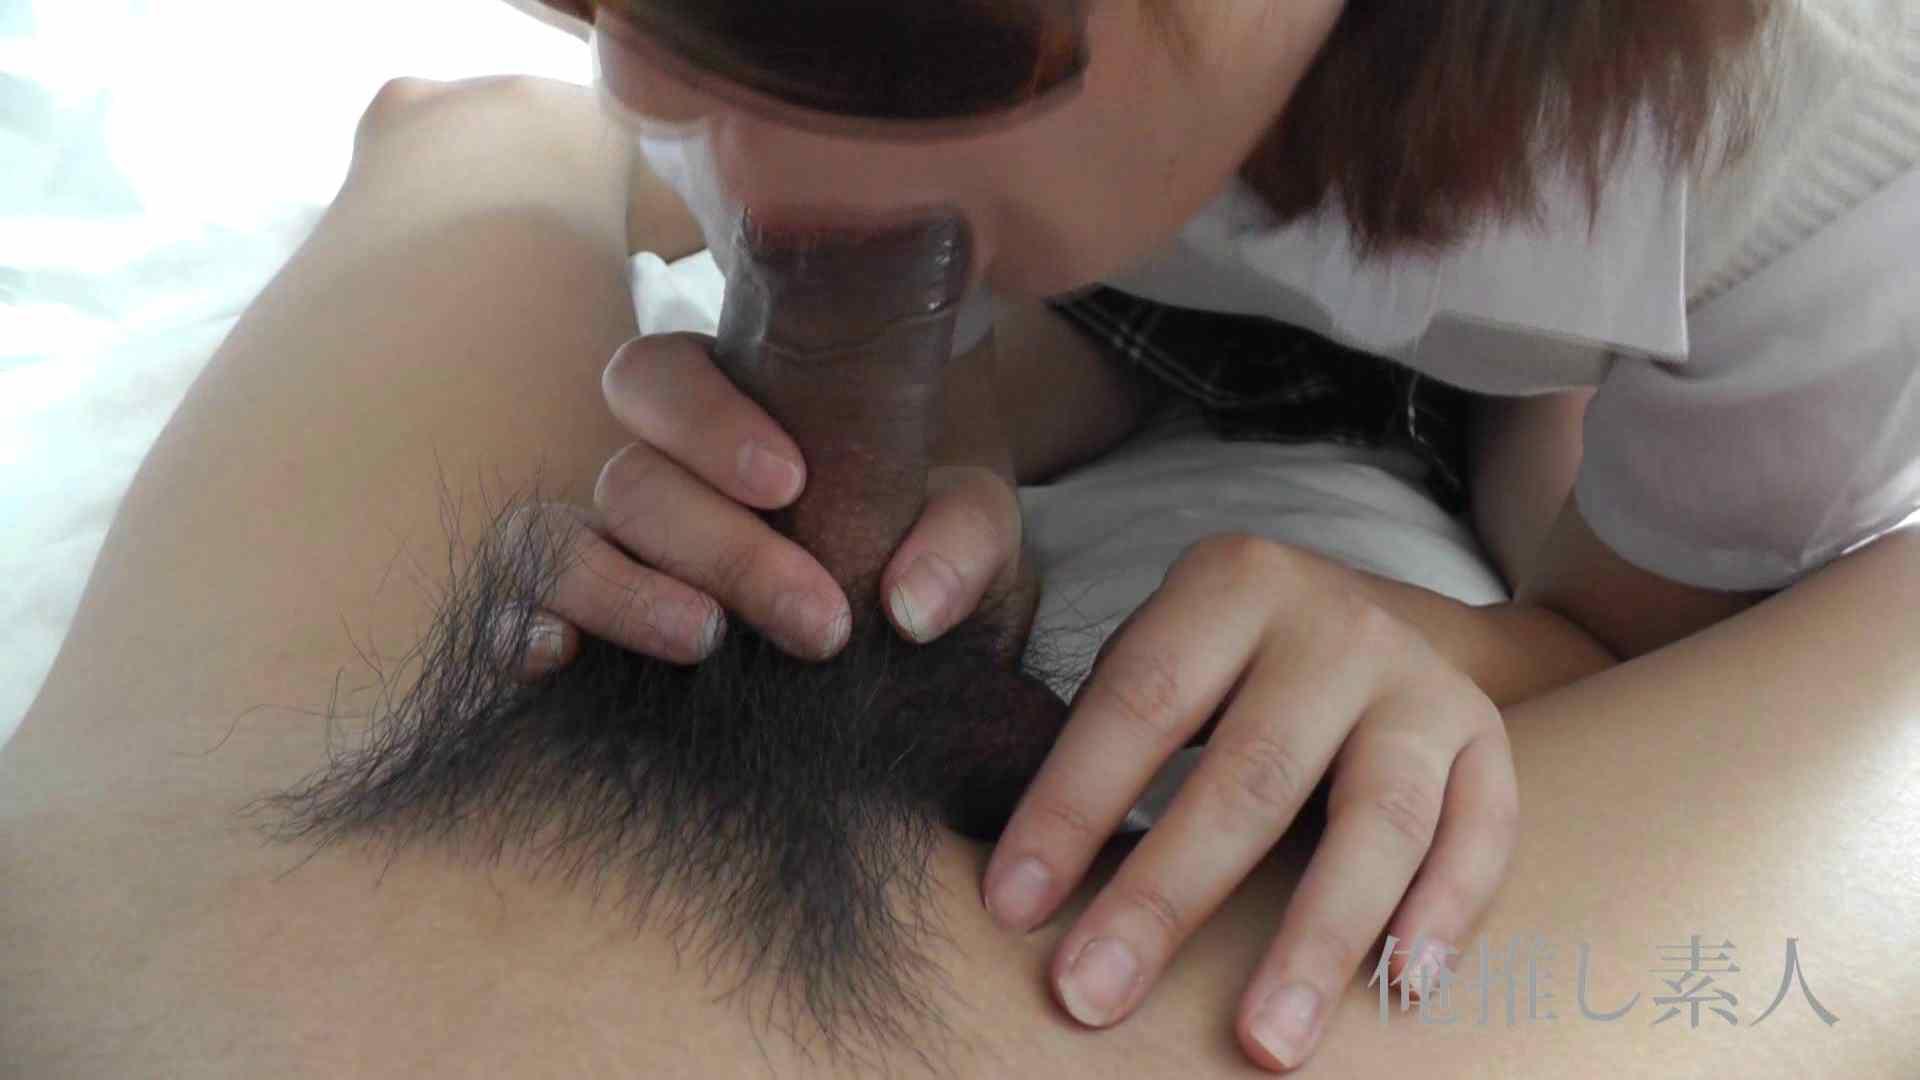 俺推し素人 キャバクラ嬢26歳久美vol6 素人流出動画  110枚 72